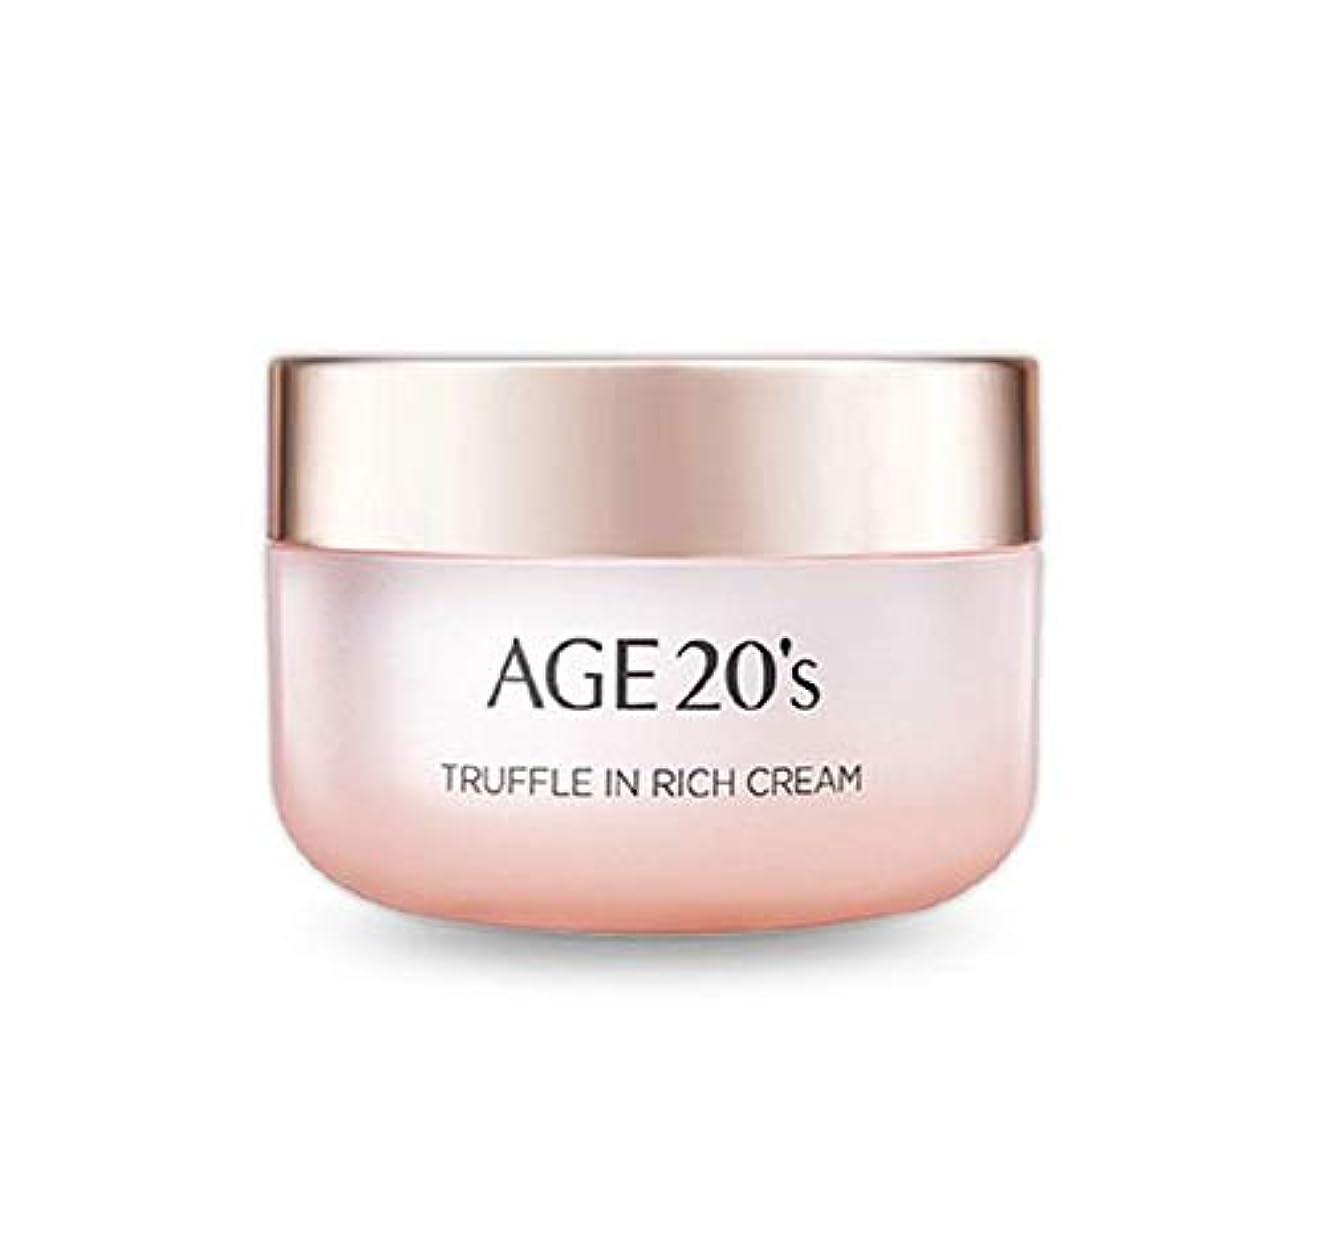 第四交流する宿エイジトゥエンティスAge20's 韓国コスメ トリュフリッチ クリーム 50g 海外直送品 Truffle in rich Cream [並行輸入品]